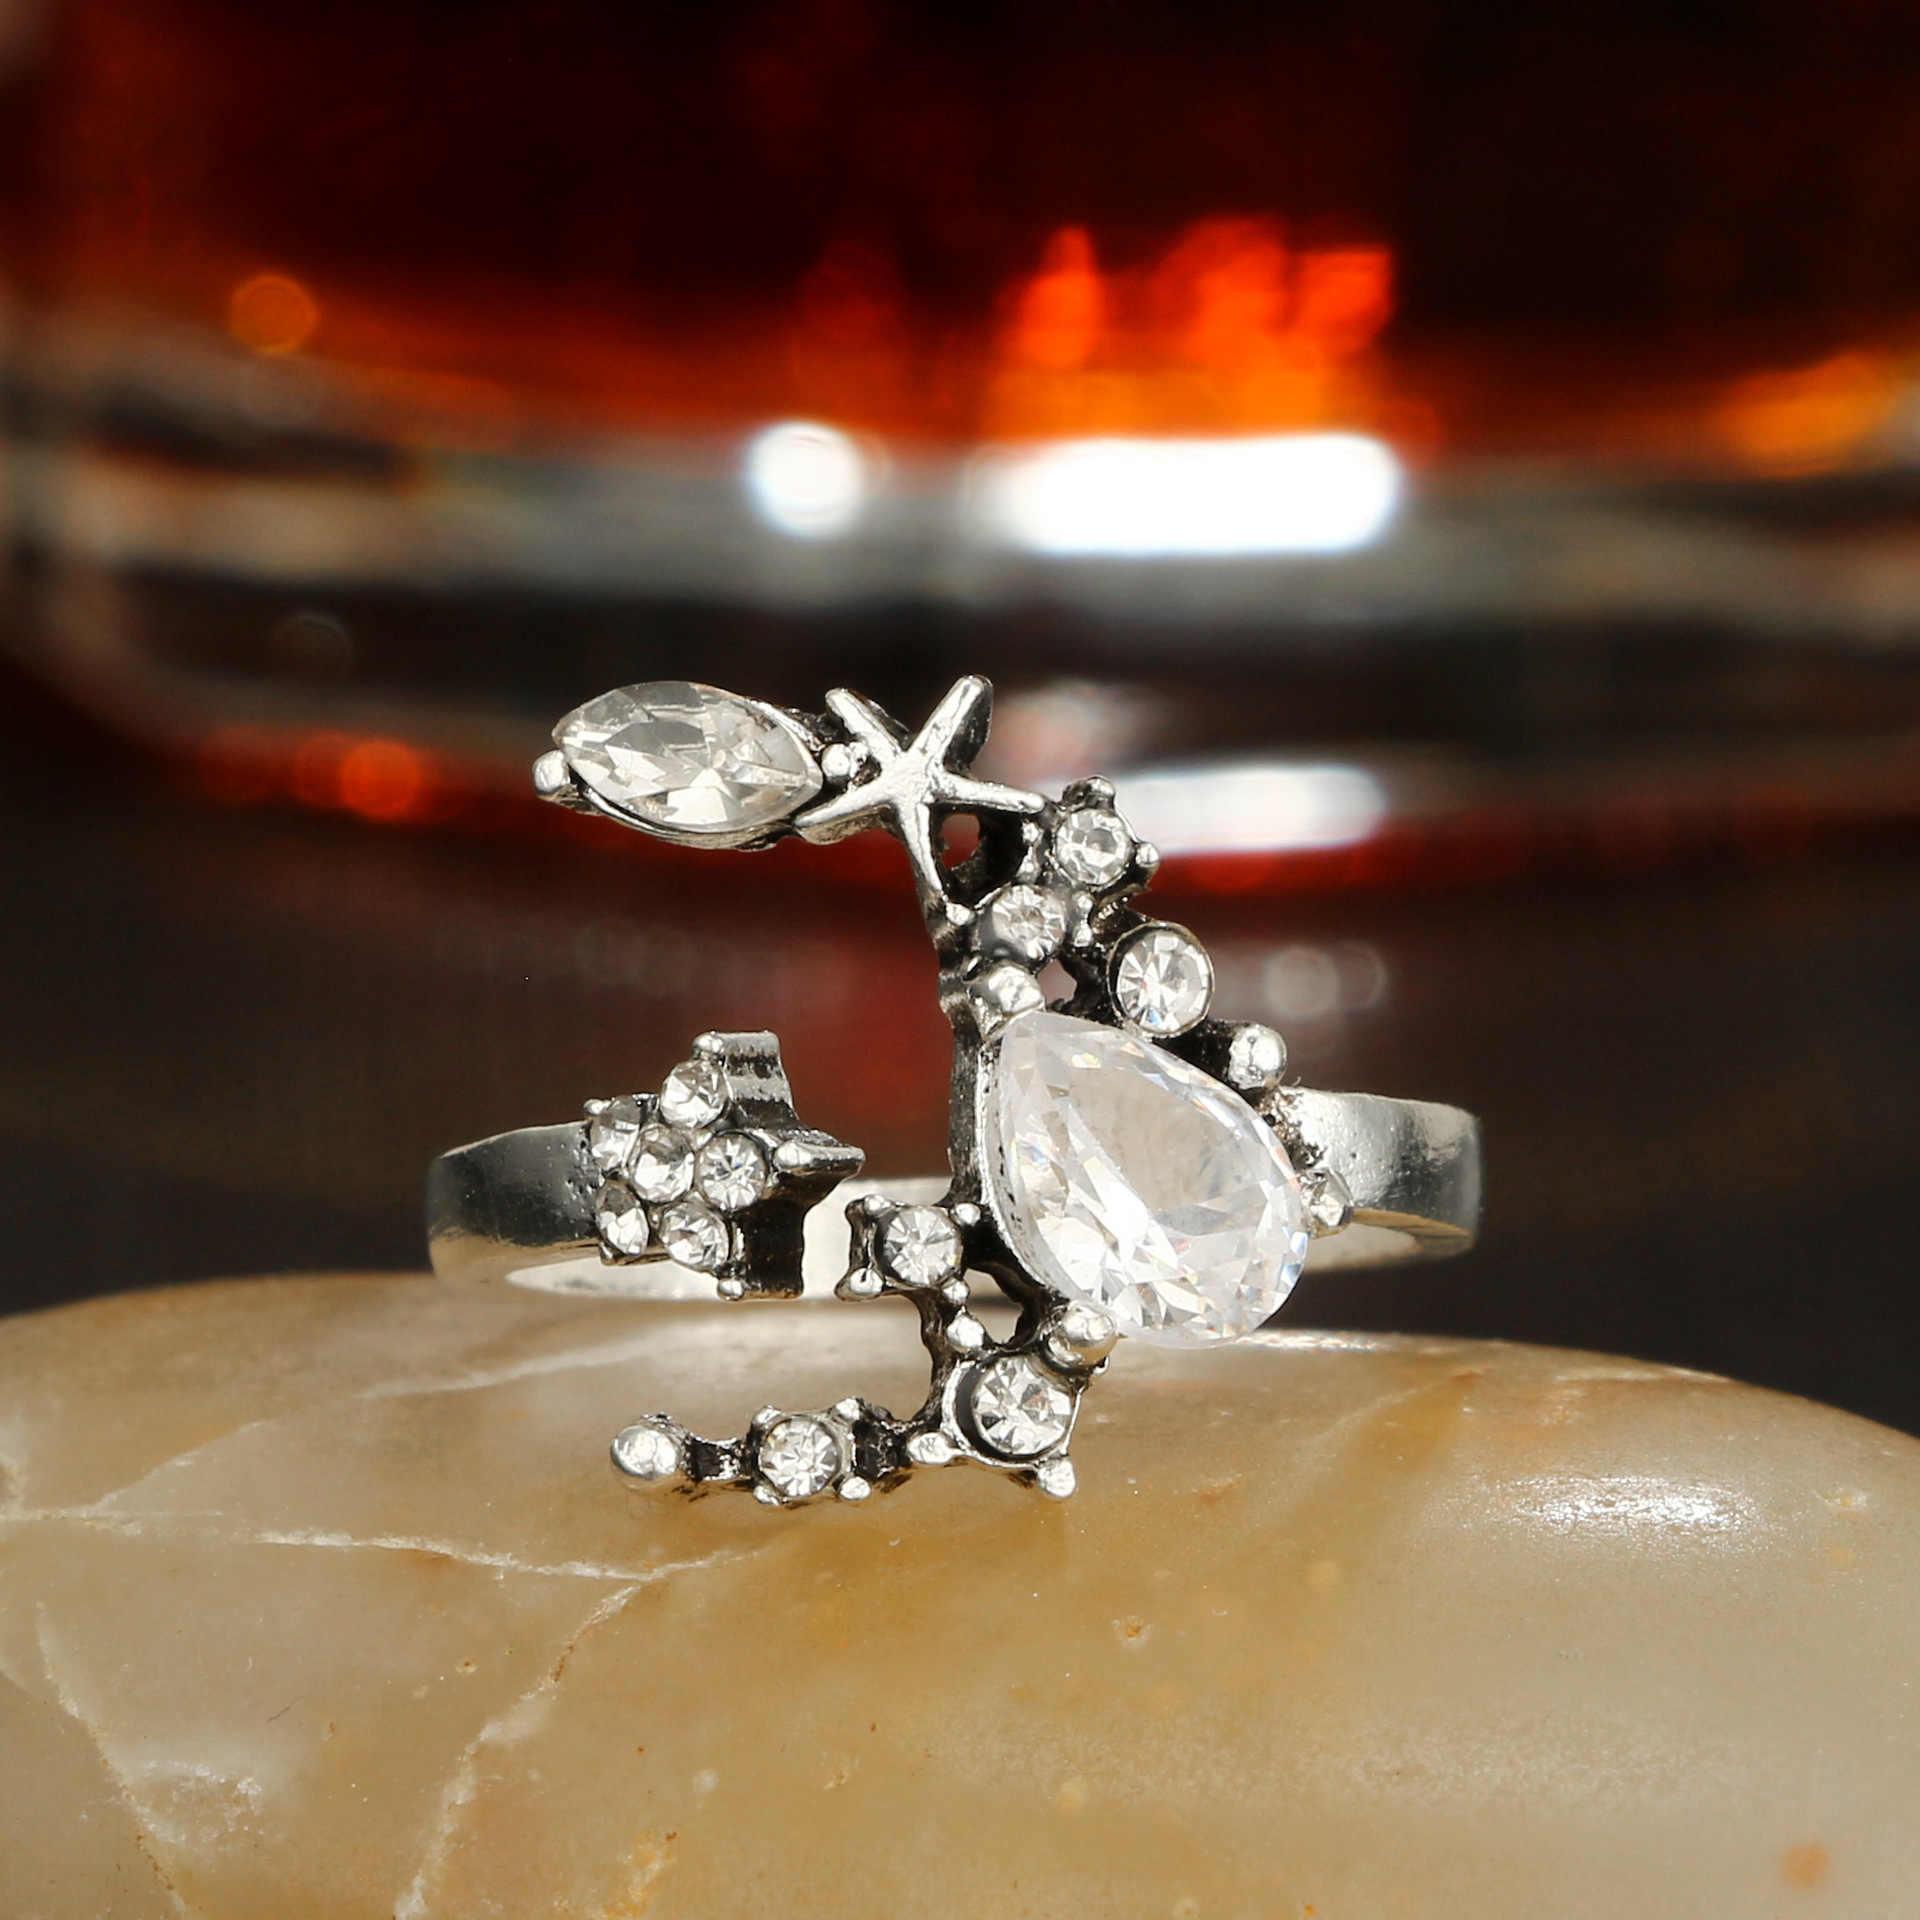 34 สไตล์ Starry Night Shining VINTAGE Knuckle แหวนผู้หญิง Boho ดอกไม้เรขาคณิตชุดแหวนคริสตัล Bohemian เครื่องประดับนิ้วมือ